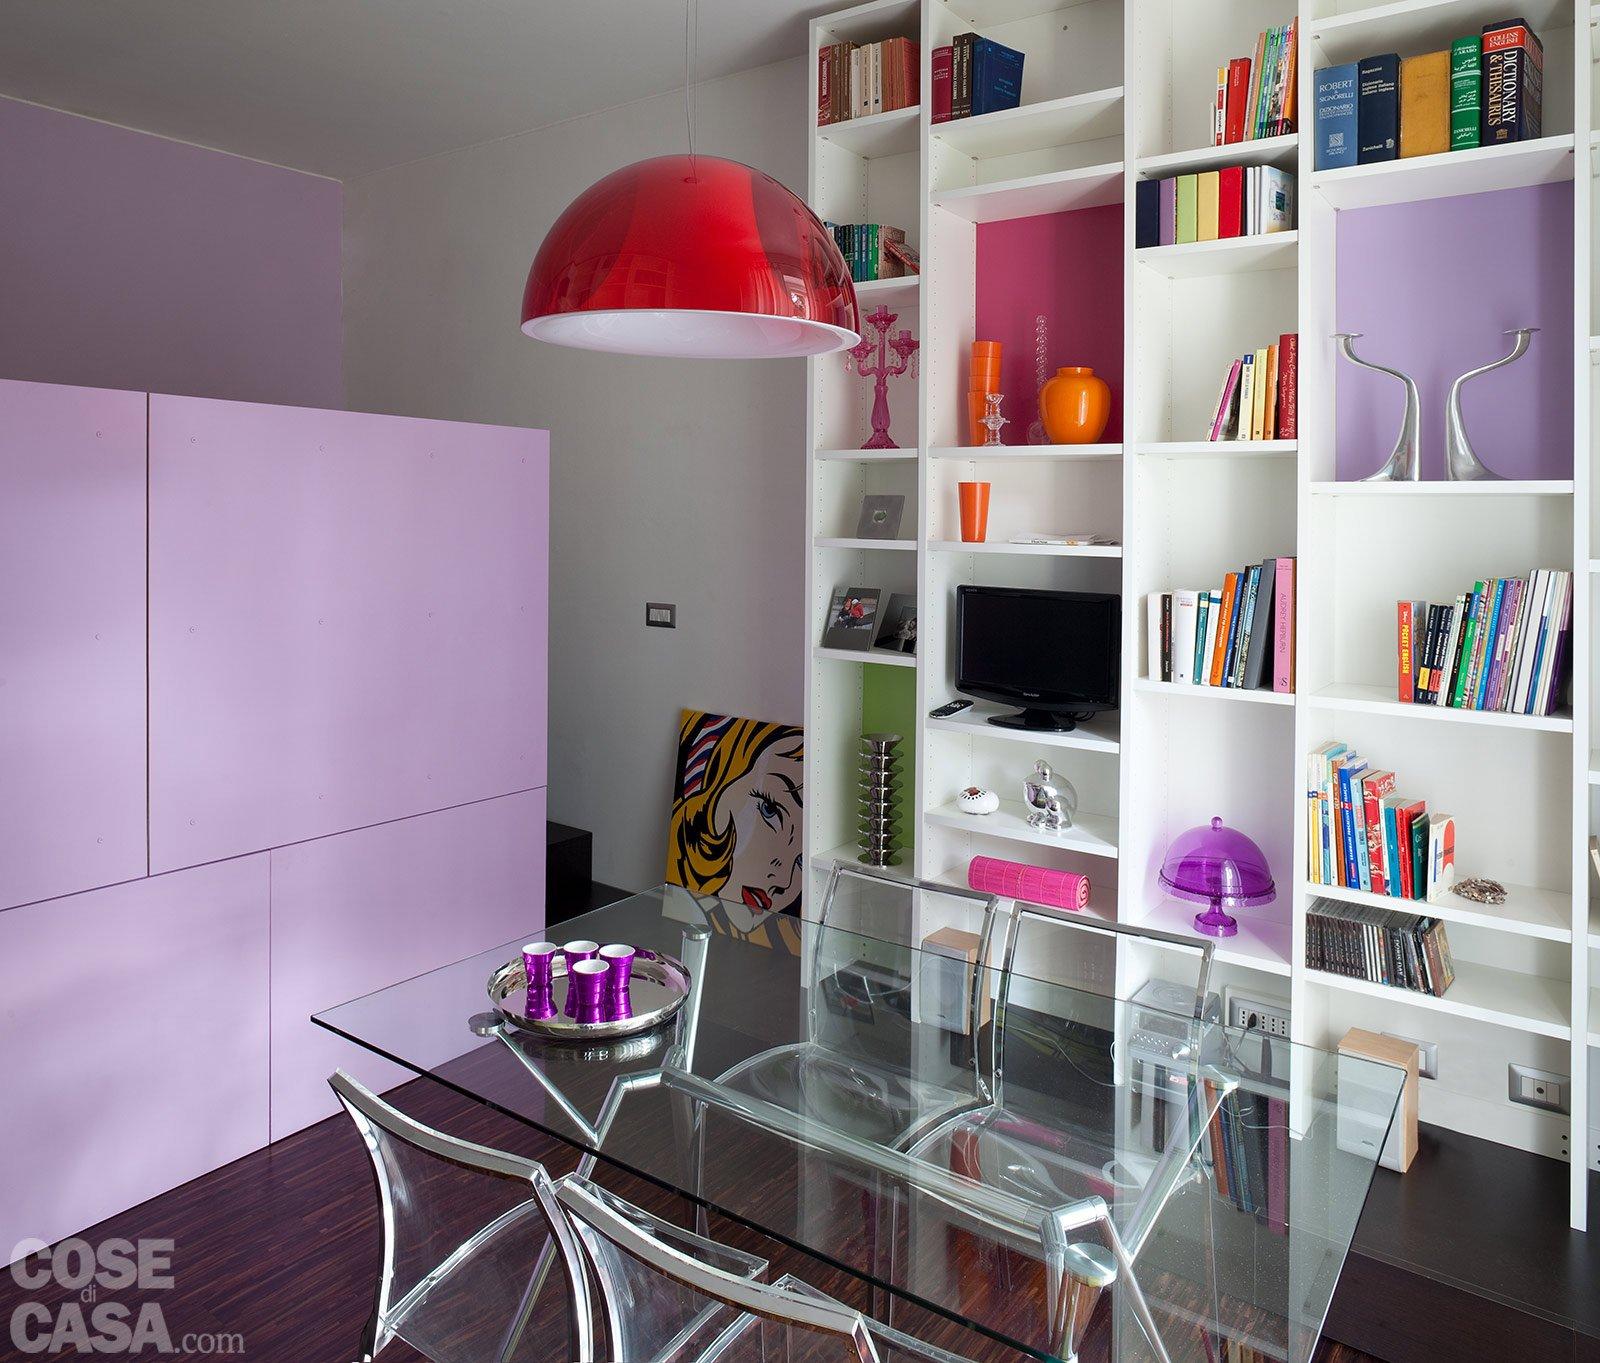 cucina e soggiorno insieme in 20 mq ~ dragtime for . - Cucina E Soggiorno Insieme In 20 Mq 2